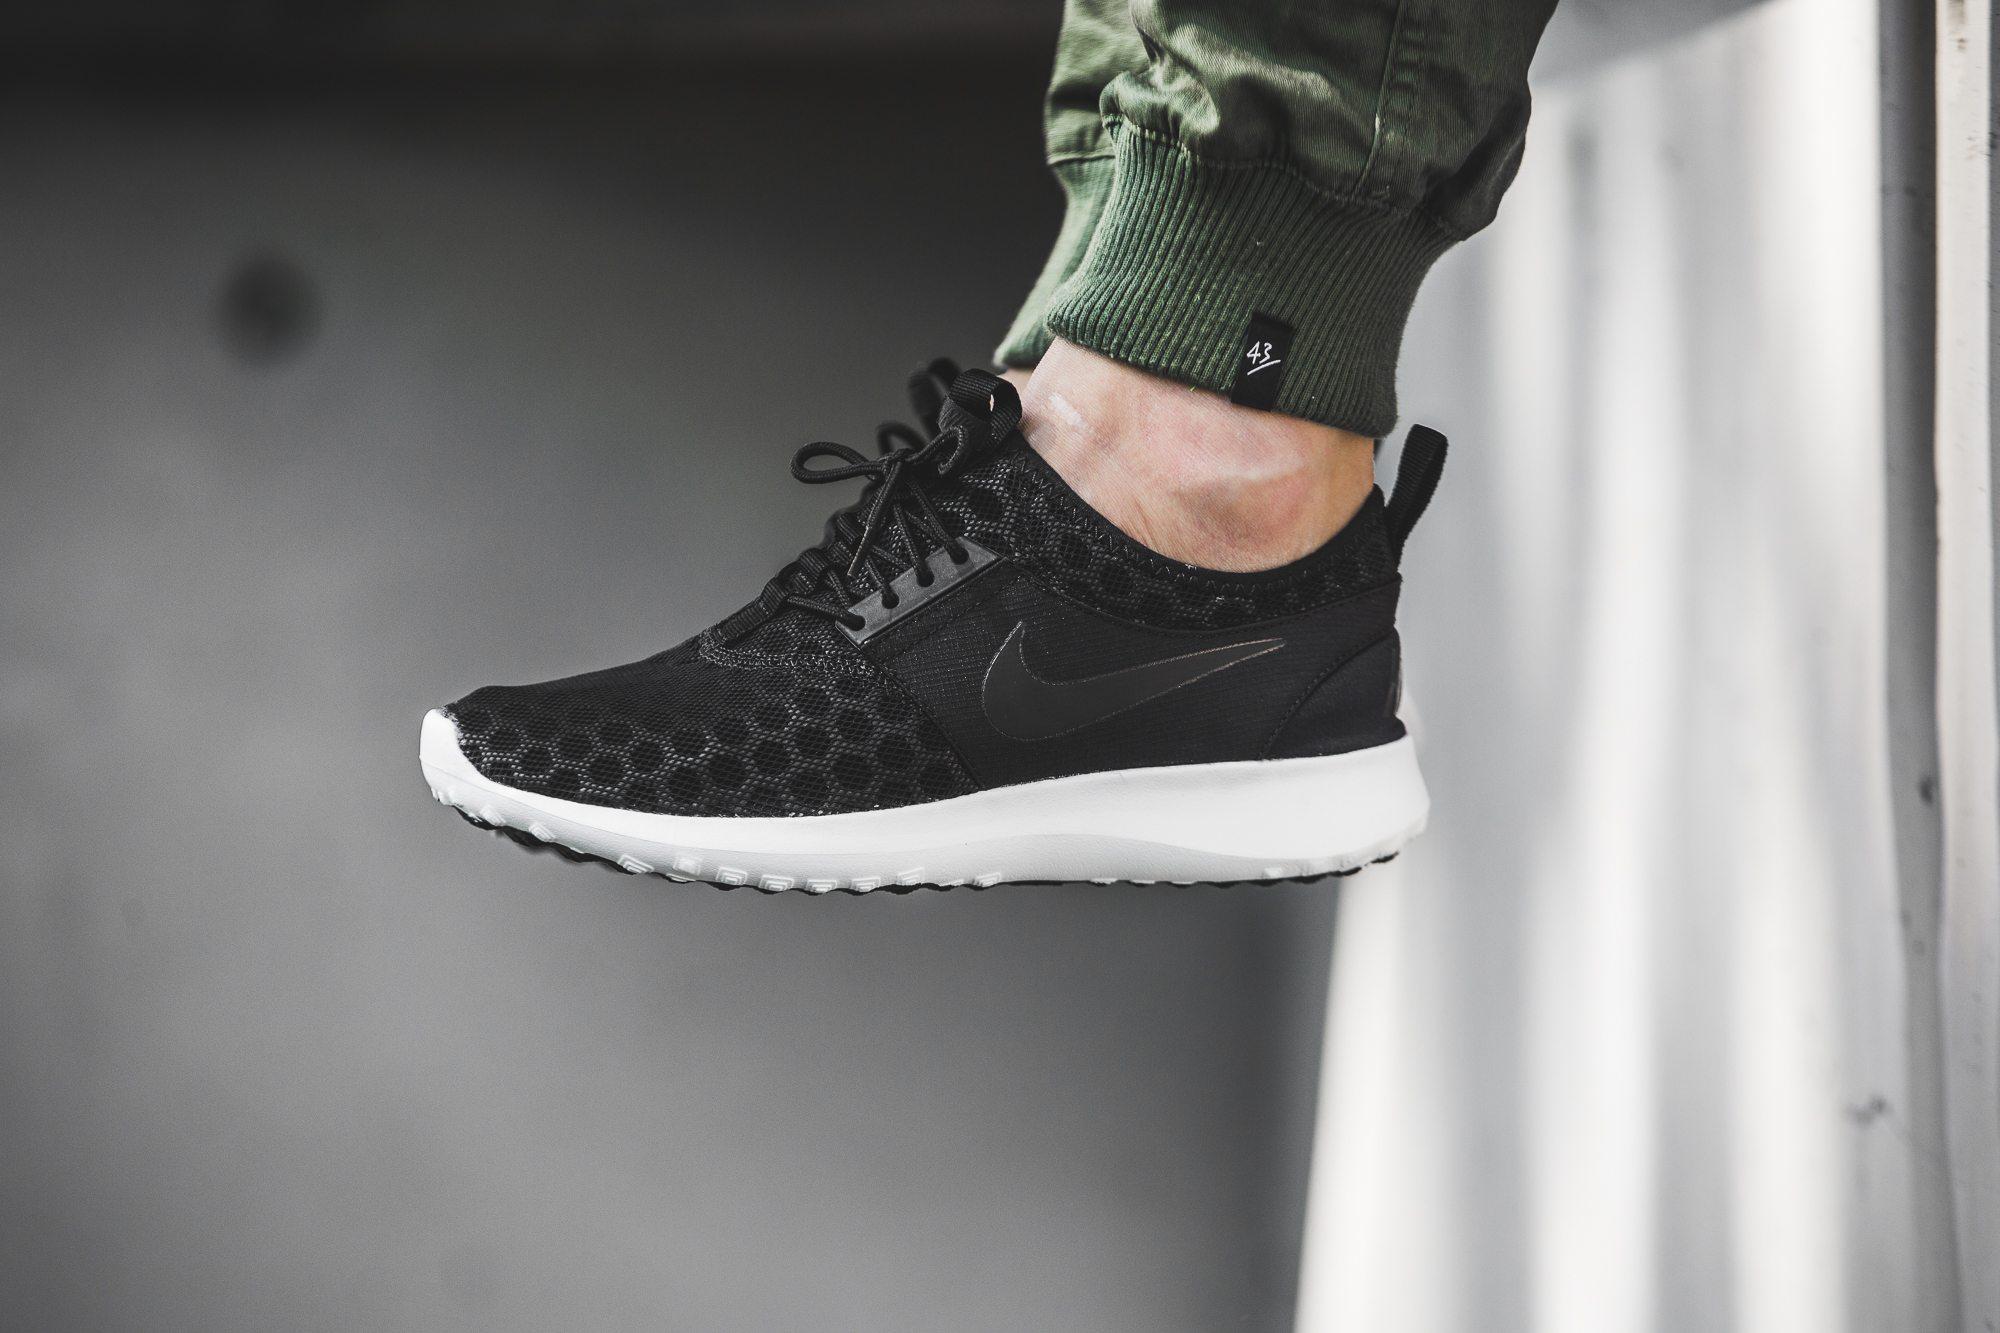 43einhalb-x-AGPOS-Nike-Juvenate-3.jpg